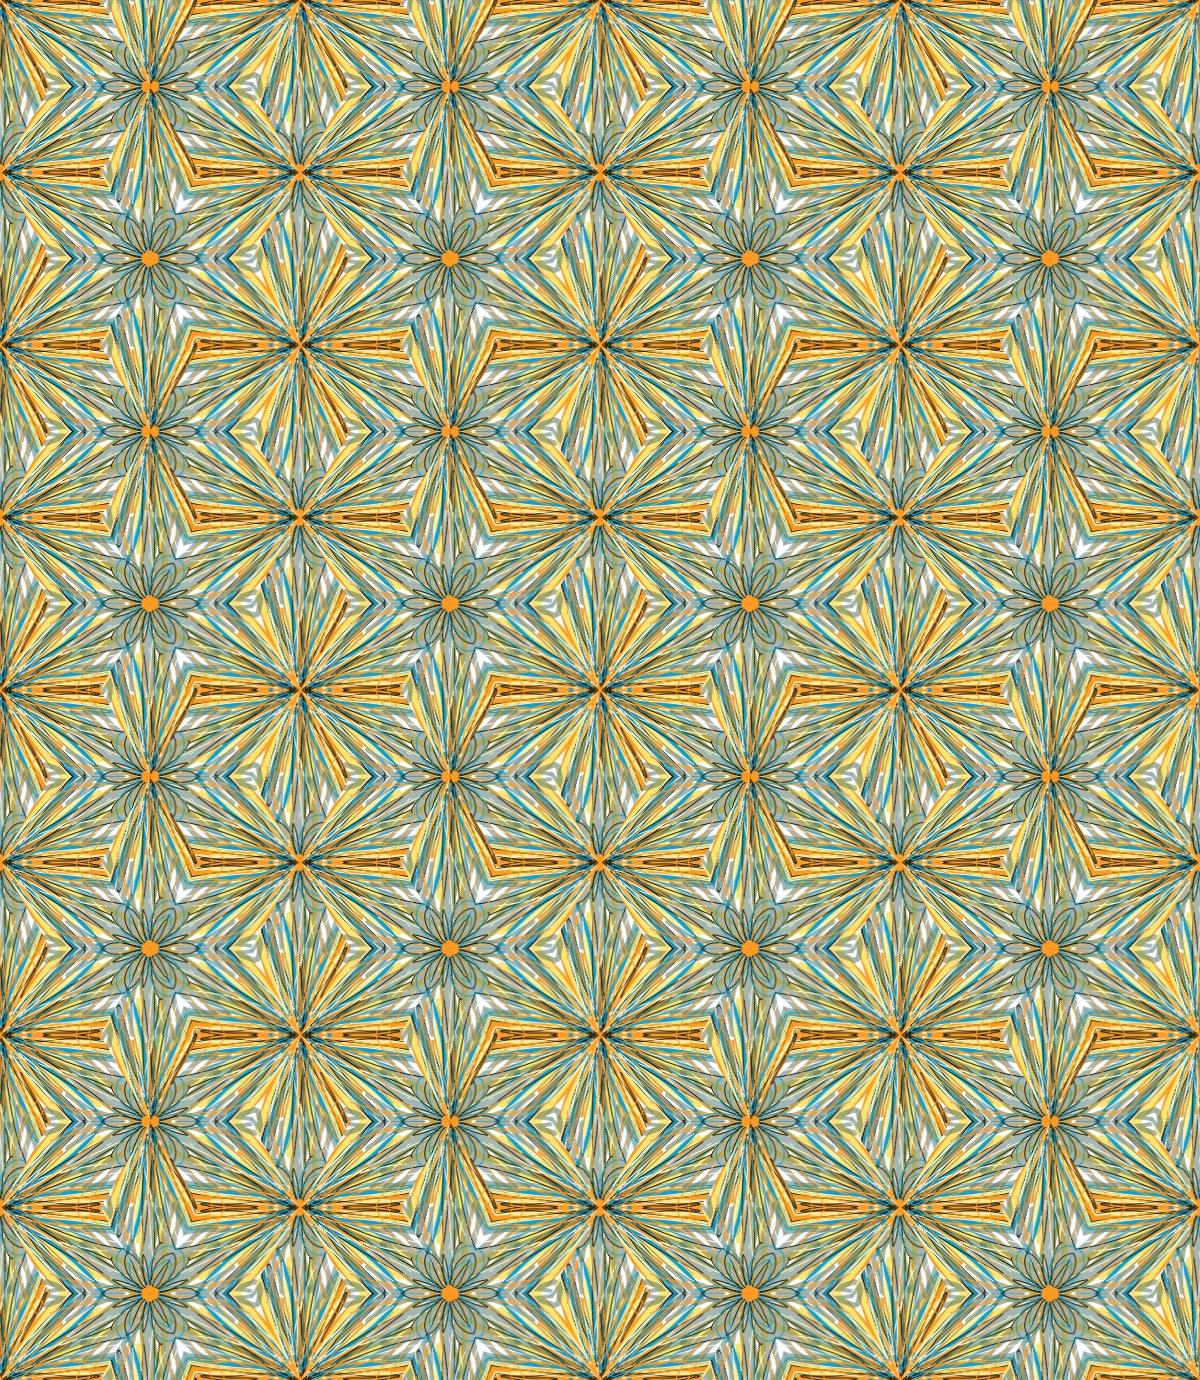 077_tiled